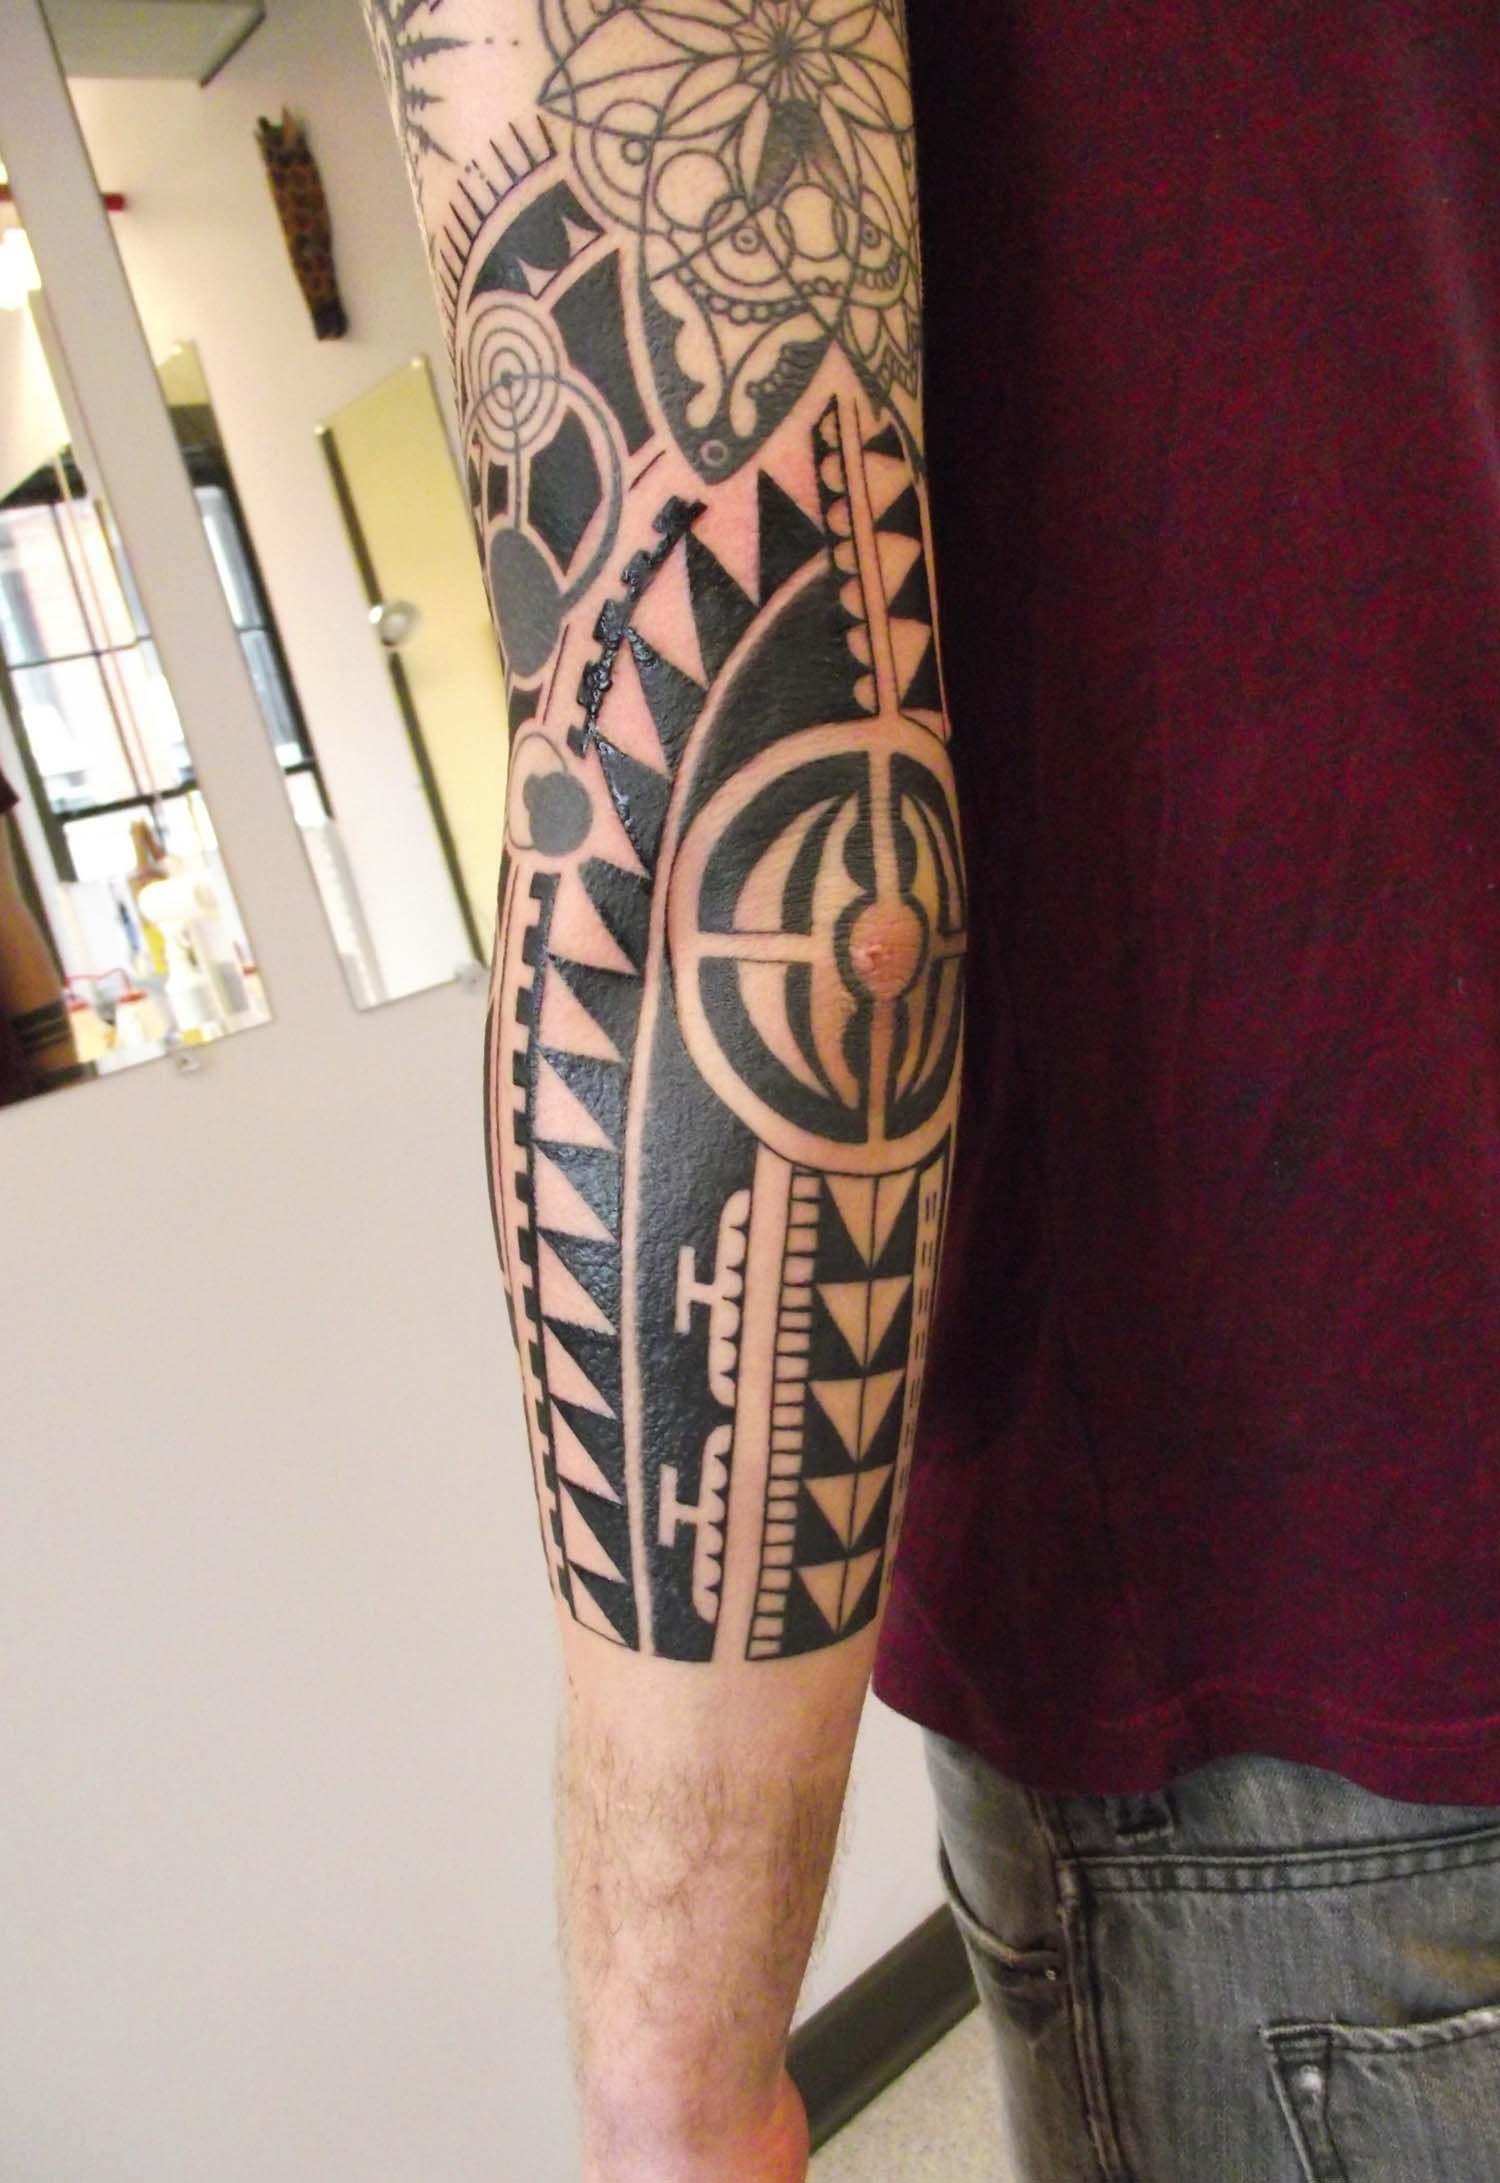 tatouage encre blanche free peuton parler de tatouage risque pour le tatouage encre blanche. Black Bedroom Furniture Sets. Home Design Ideas